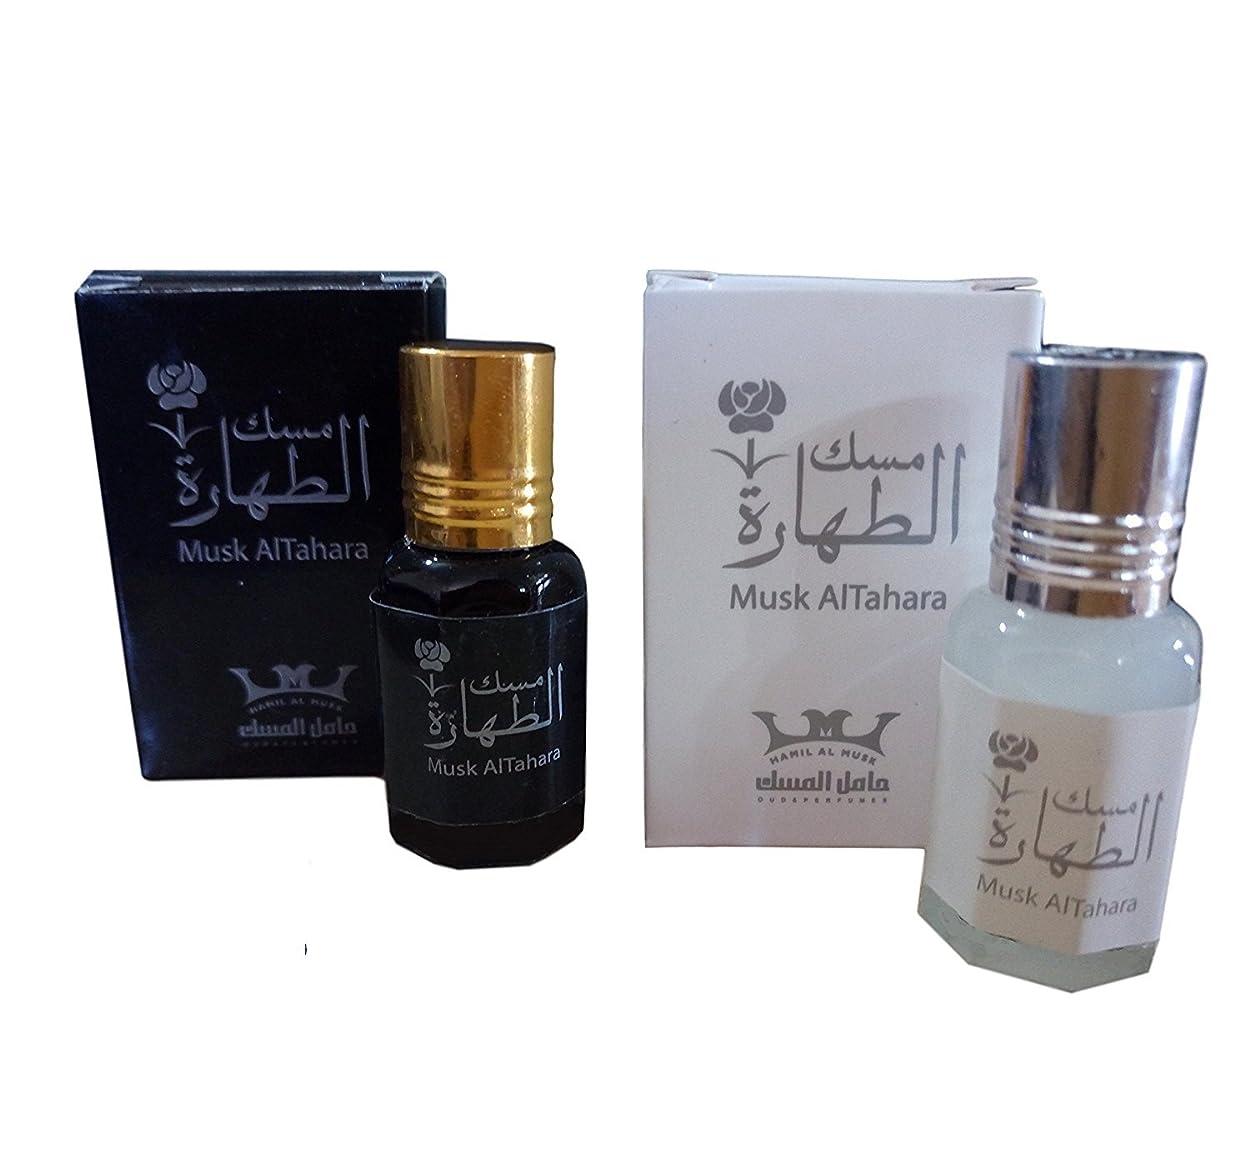 古くなった各栄光Women Musk Al tahara Pure Saudi Altahara Perfume White & Black 10 ml Alcohol Free